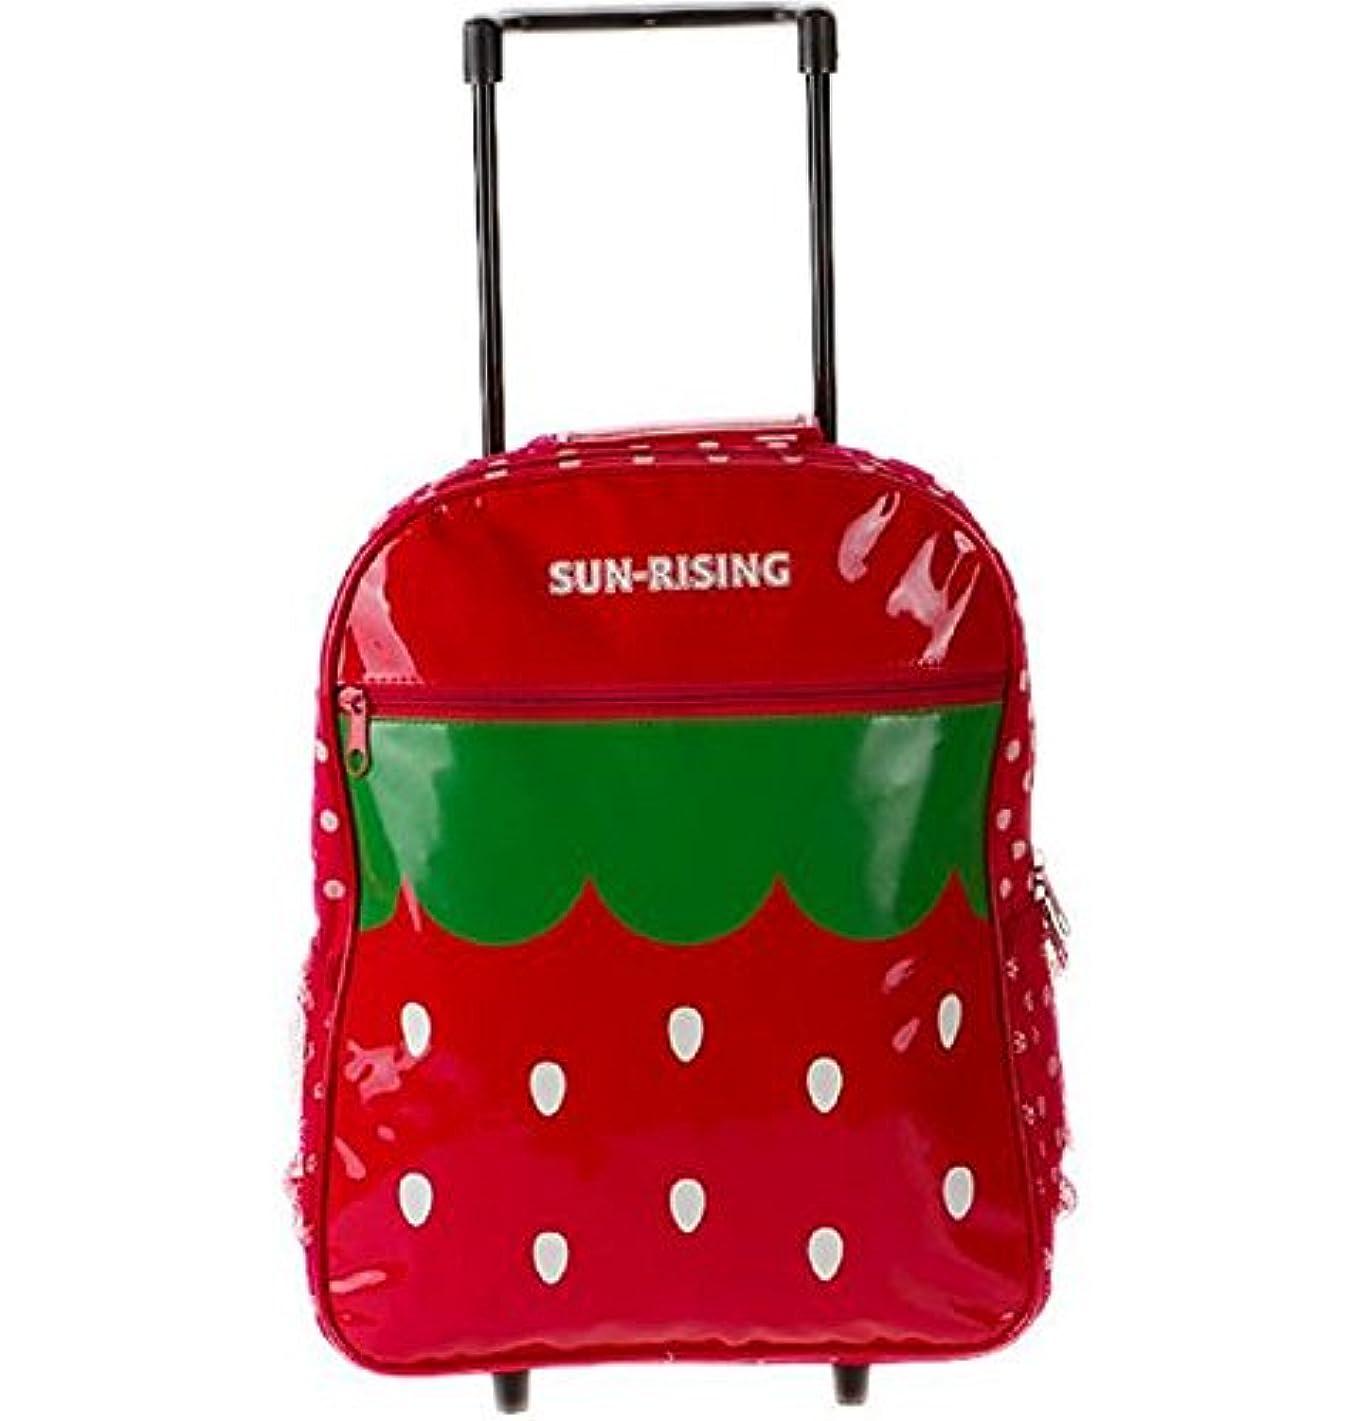 黒恥スマートかわいい キッズ アニマル キャリー バッグ 2way リュック トロリー ころころ キャスター 付き 旅行 鞄 てんとう虫 苺 アヒル レッド オレンジ 女の子 kids (いちご)